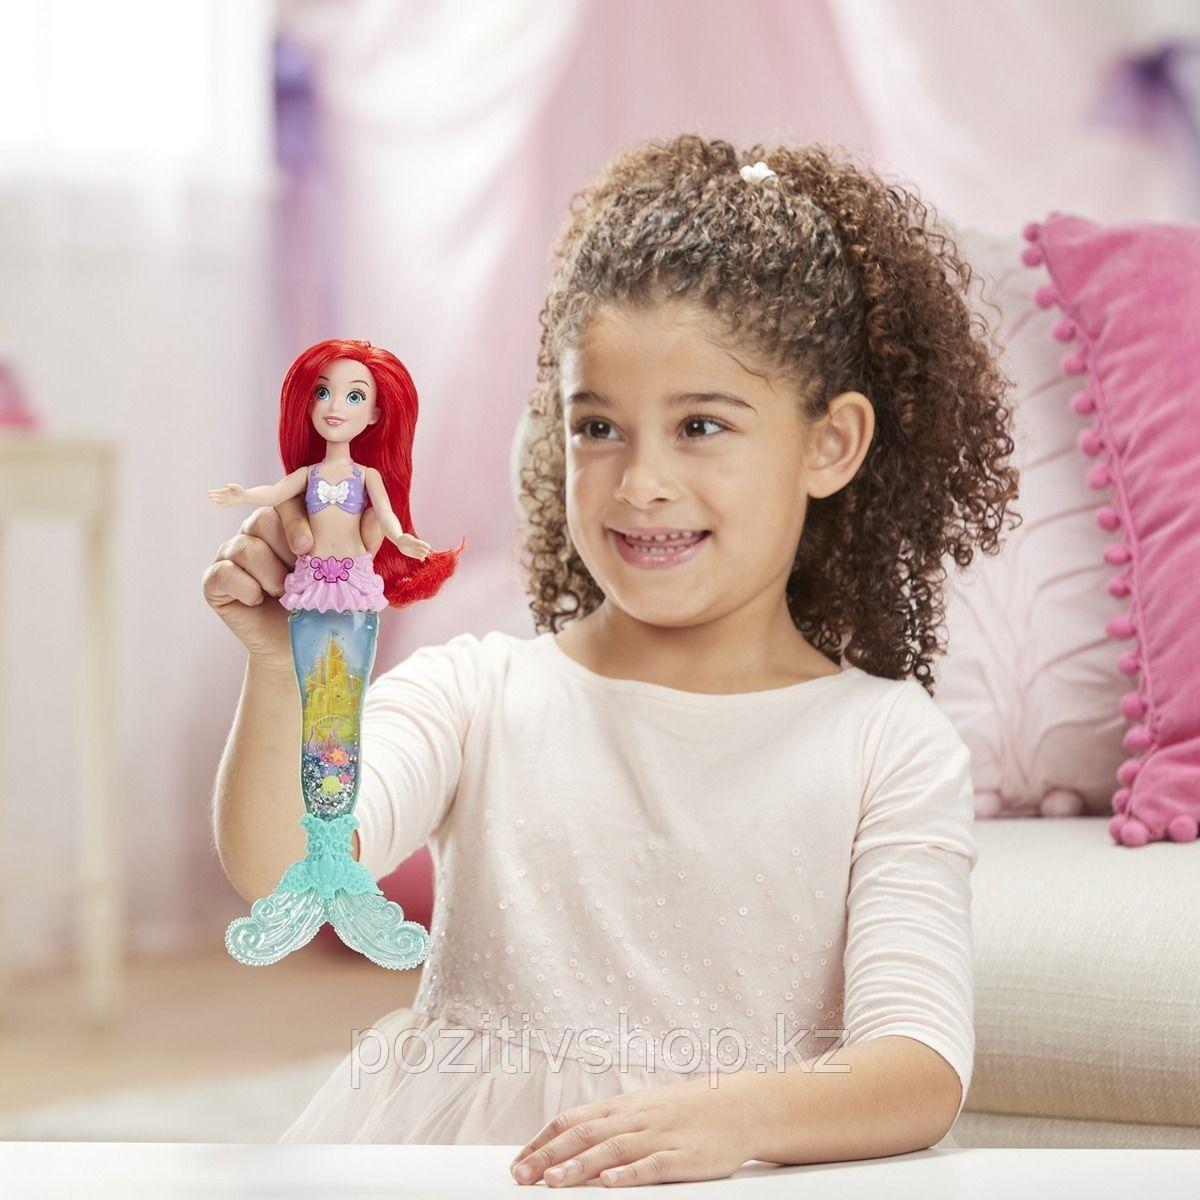 Интерактивная кукла Ариэль Disney Princess - фото 5